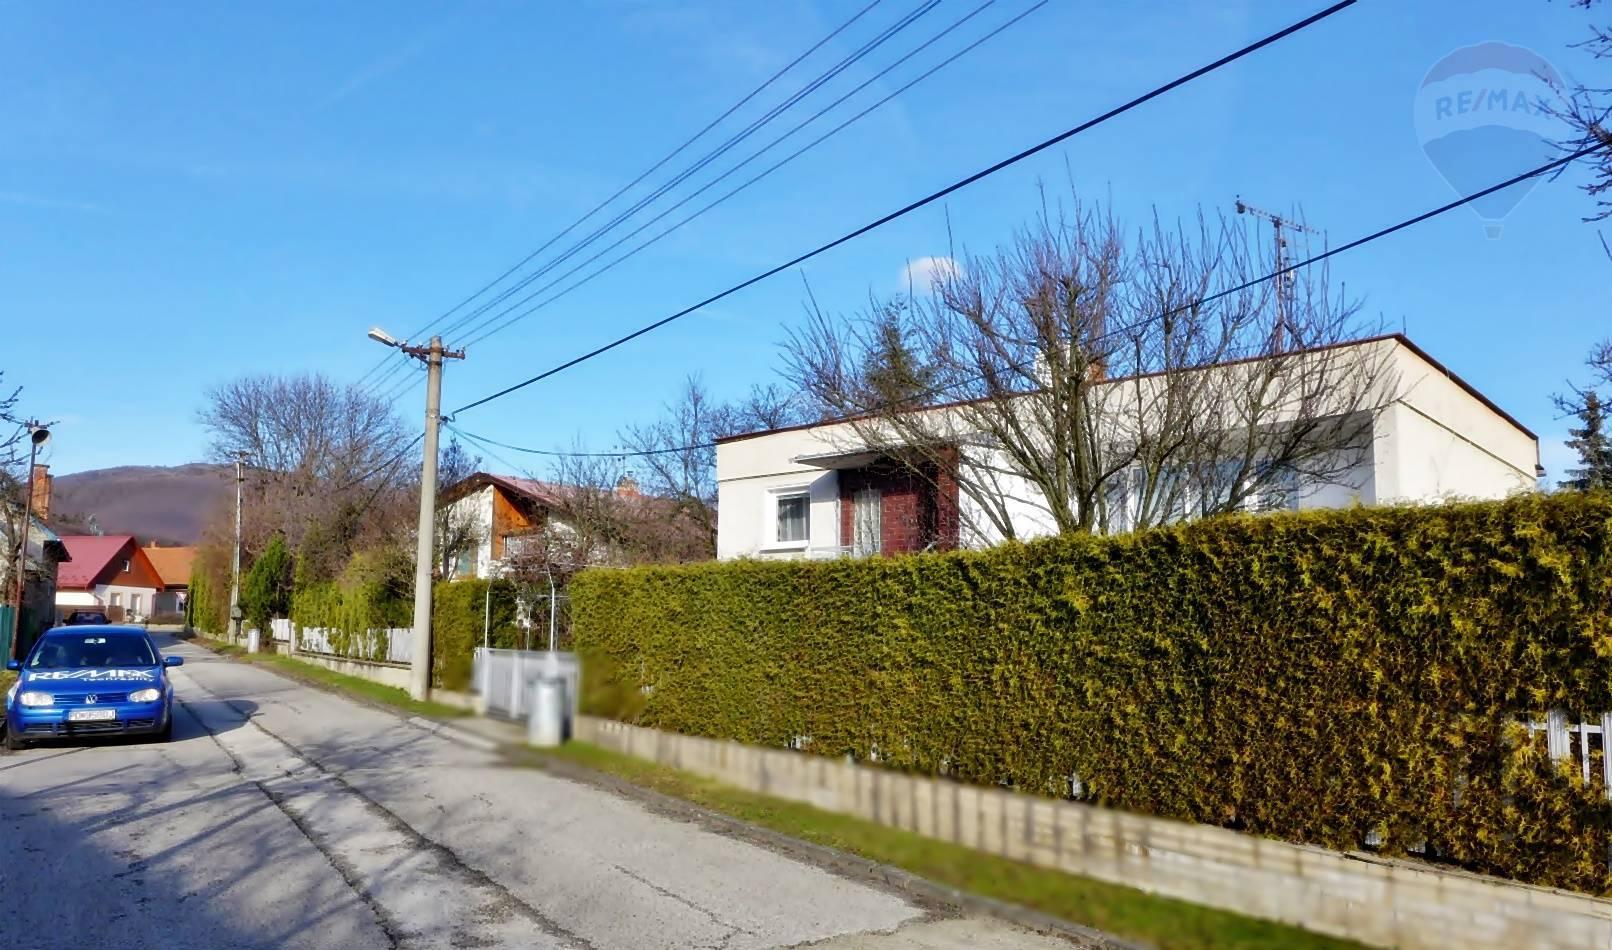 Rodinný dom -  garáž pre 2 auta, parcela 379 m2 ul. Bottova -  BOJNICE okres PRIEVIDZA